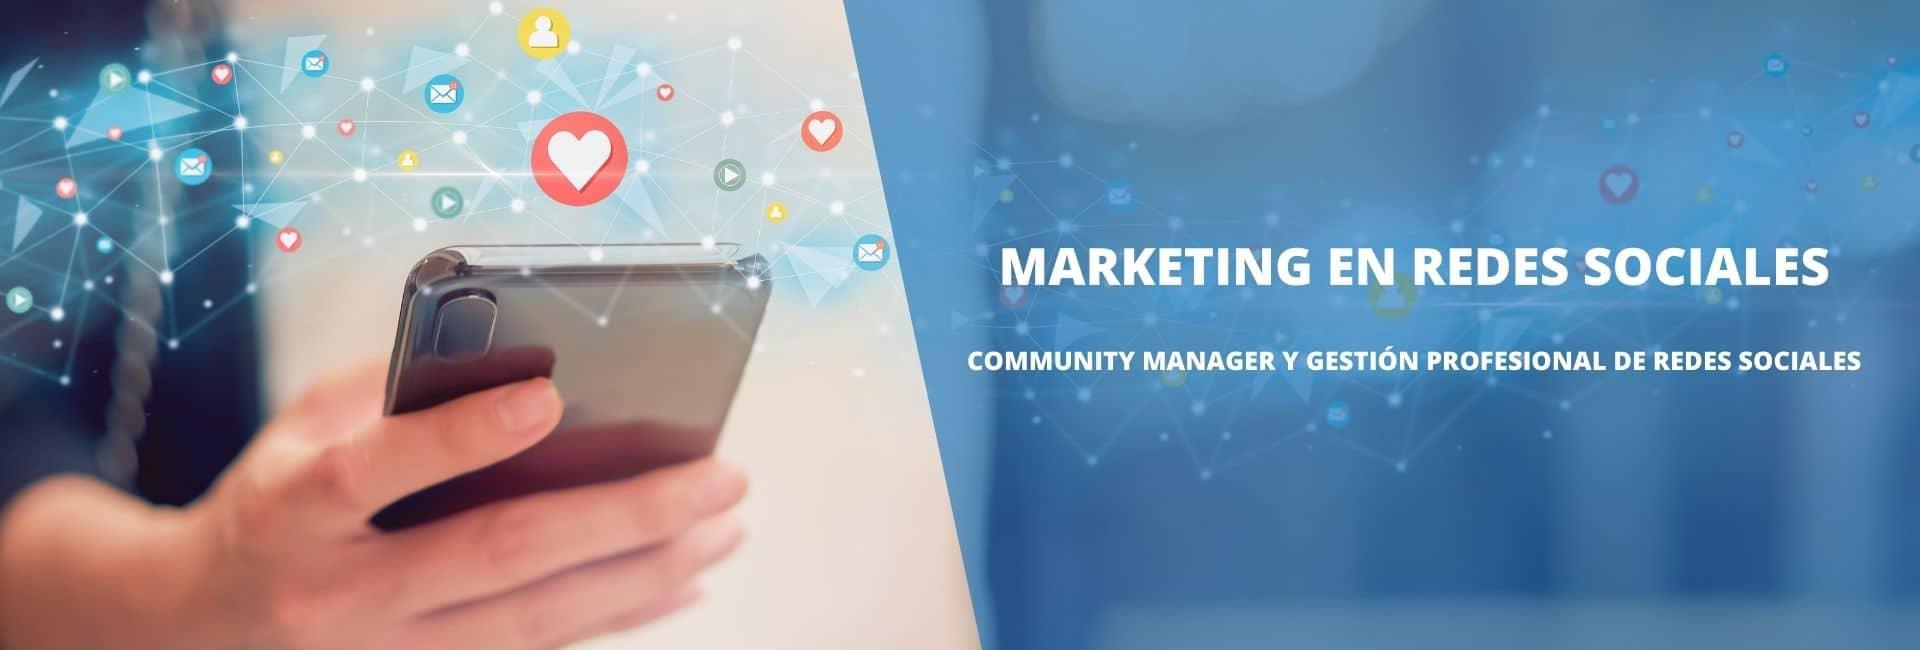 Community Manager y Marketing en Redes Sociales en Murcia